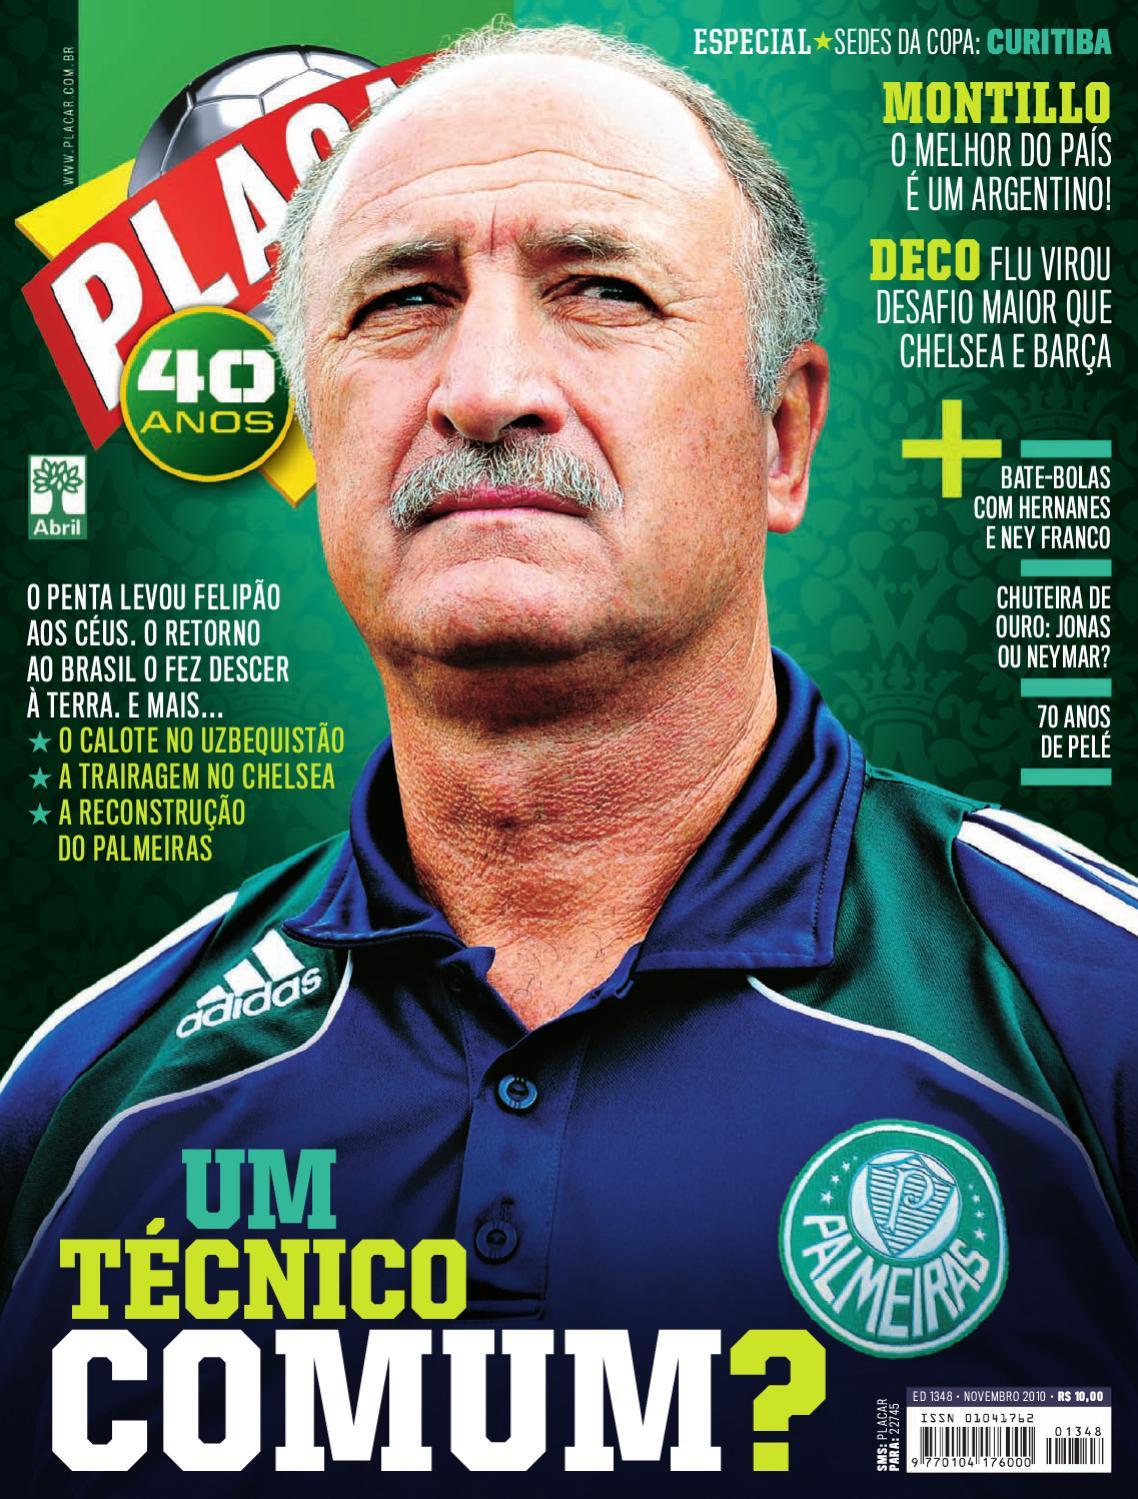 1cf11d130c Placar Edicao Novembro - 2010 by Revista Placar - issuu